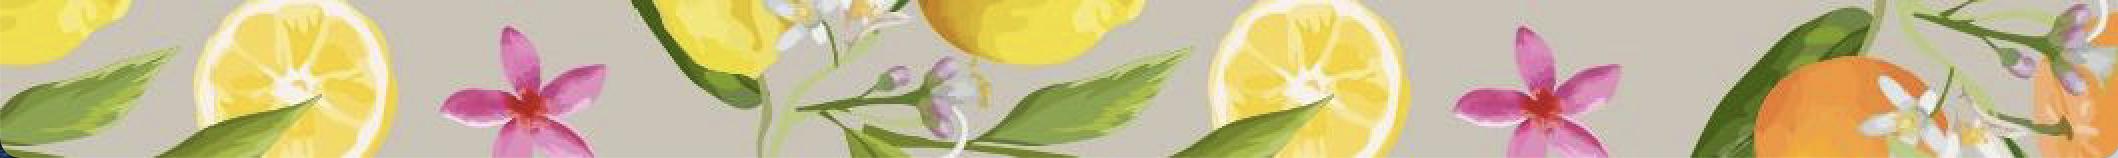 Mediterranean body oil